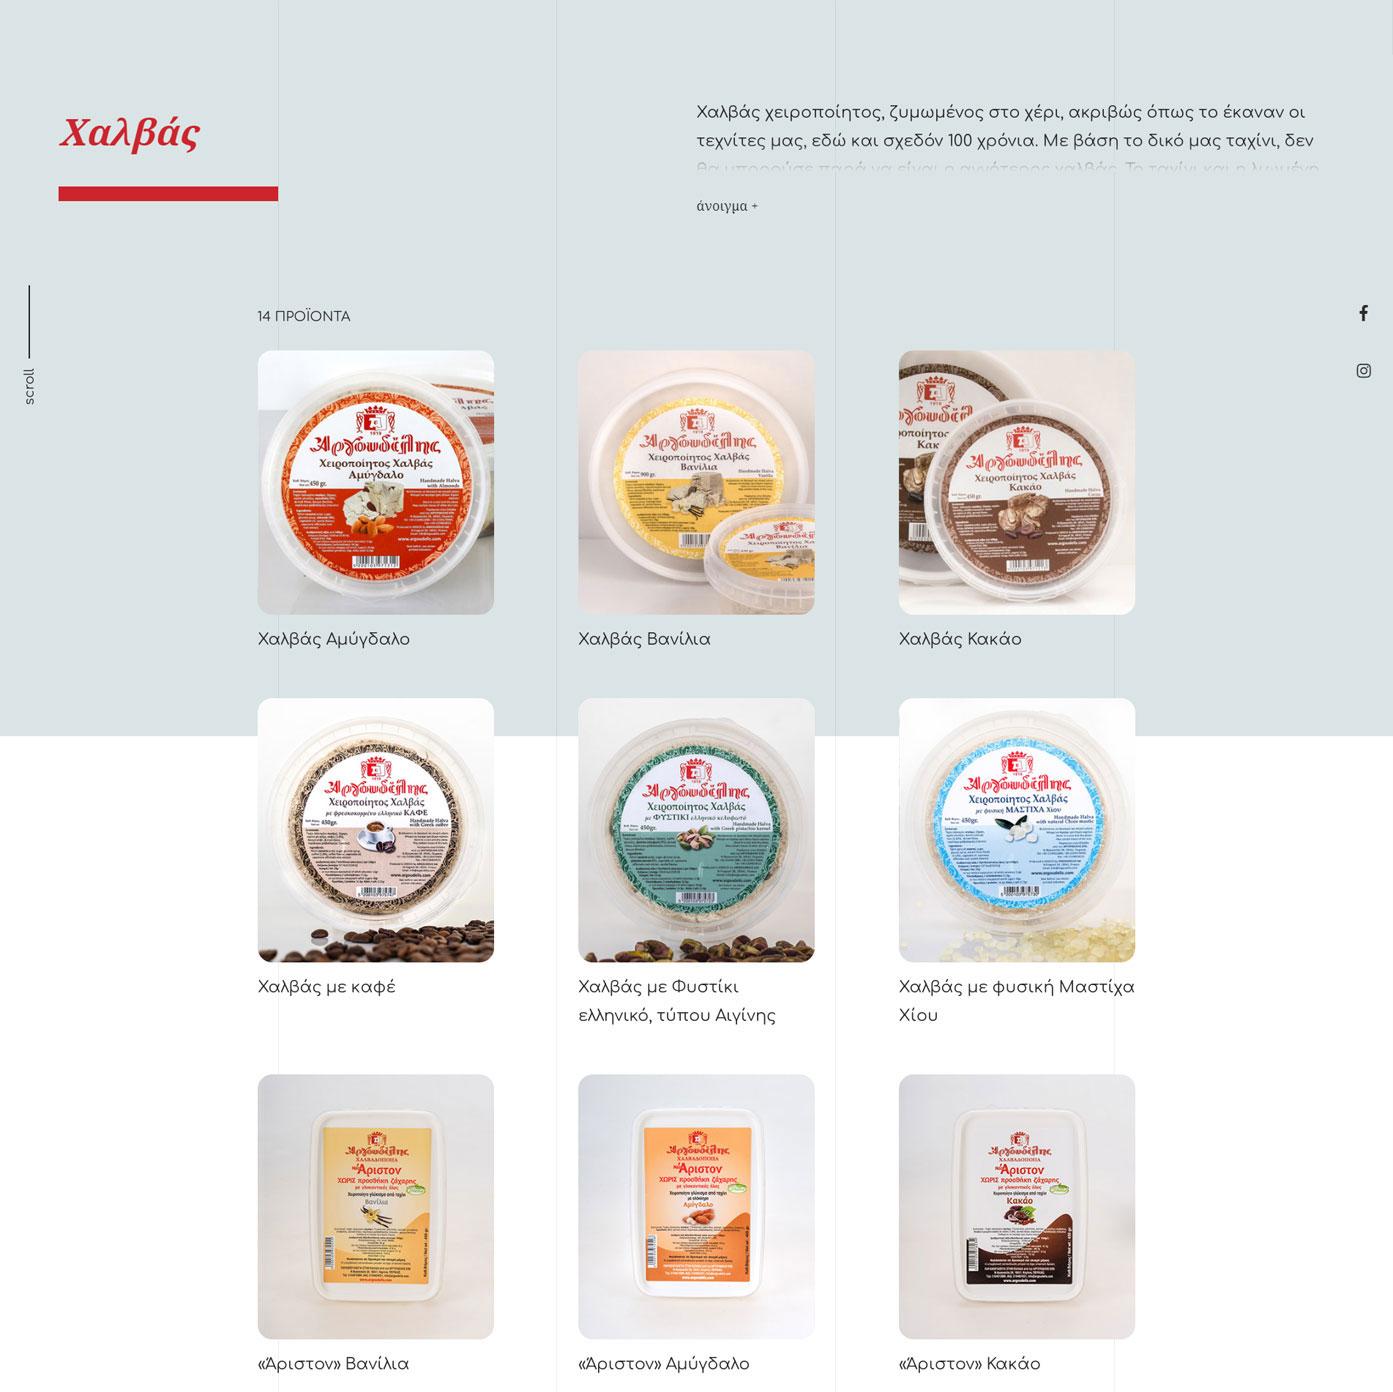 Argoudelis Website fullscreen